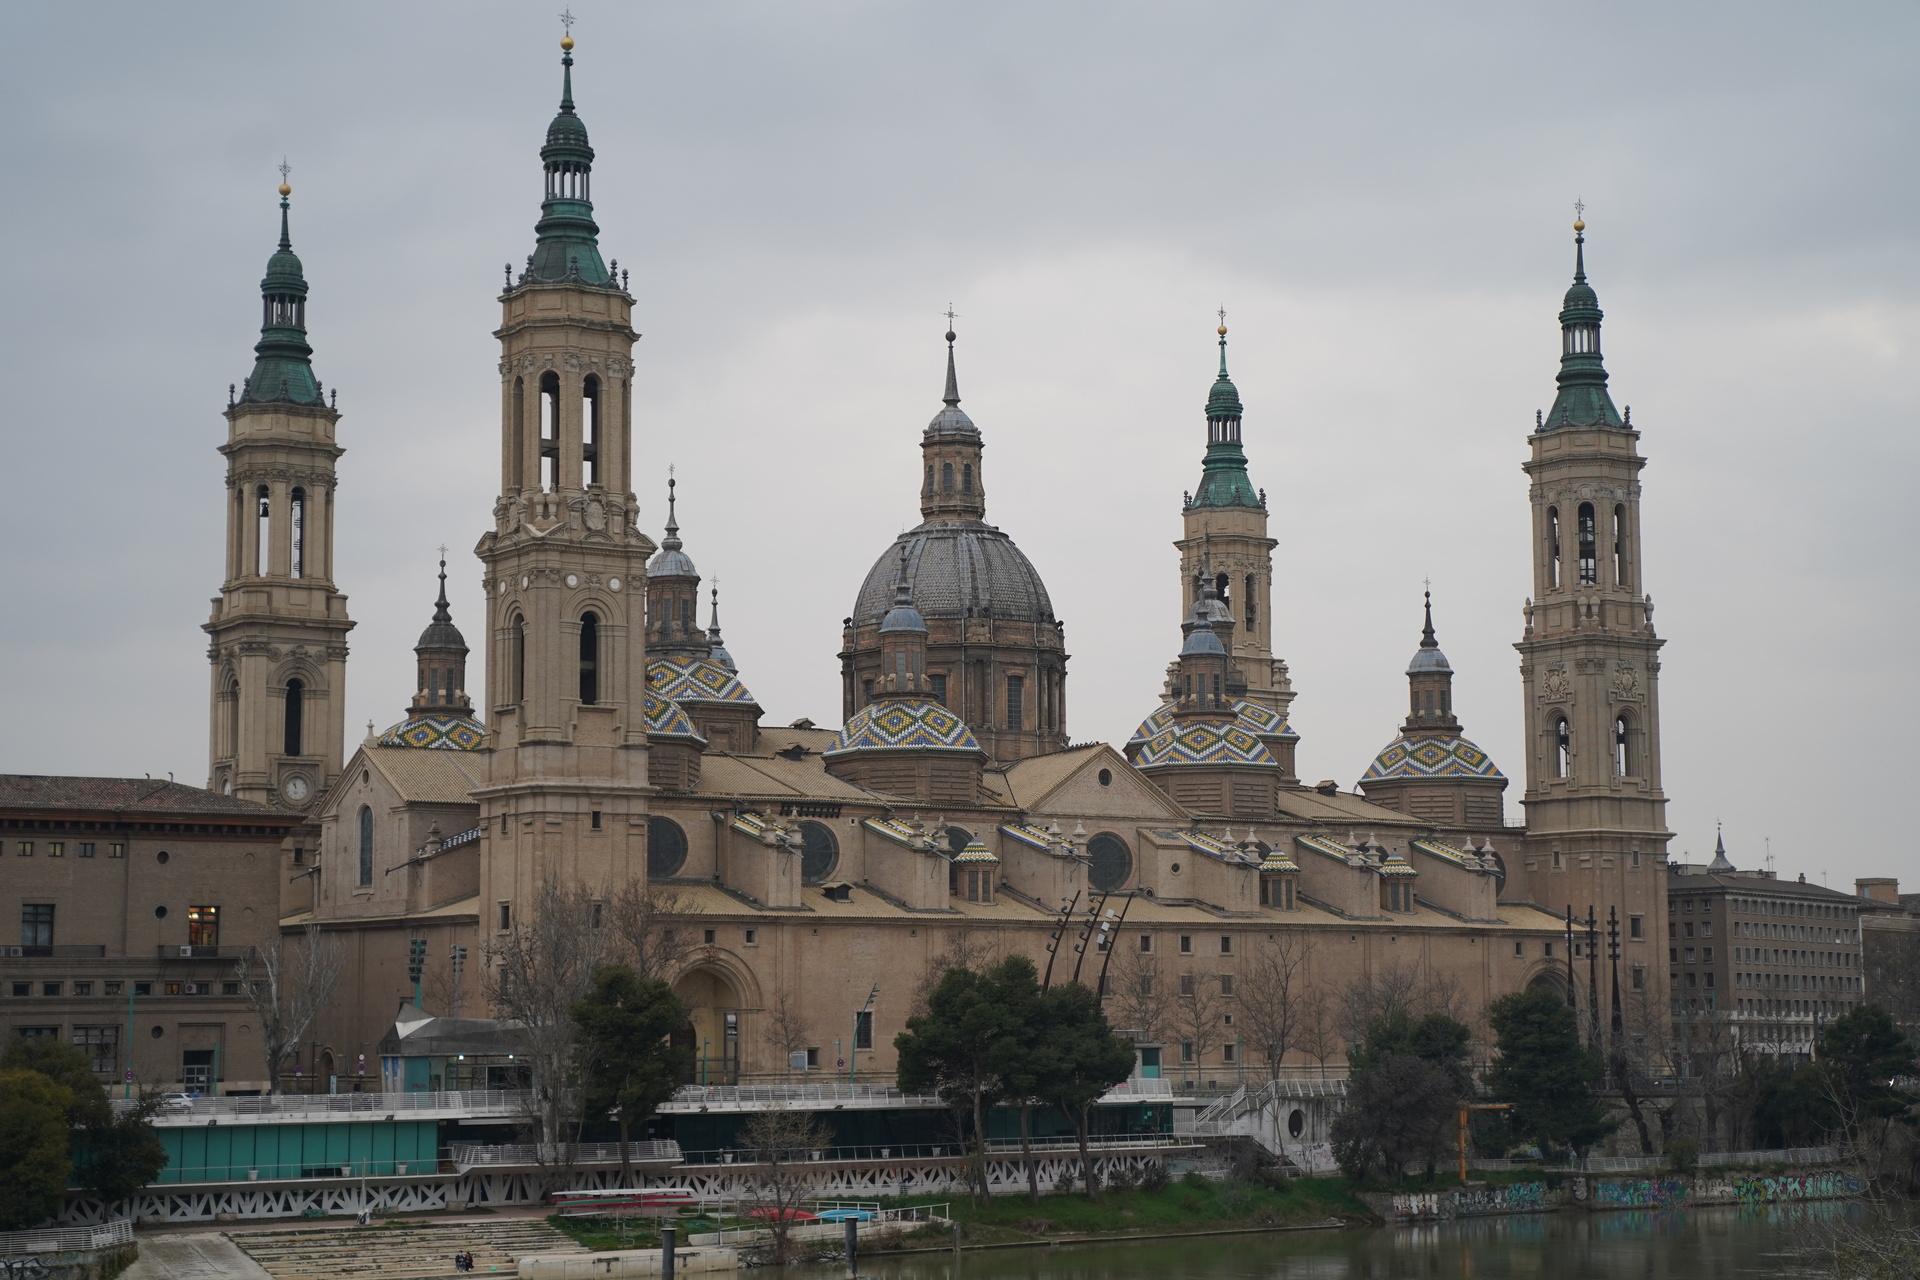 ヌエストラ・セニョーラ・デル・ピラール大聖堂 | ムルシア在住ひなこさんのおすすめエリア・地区